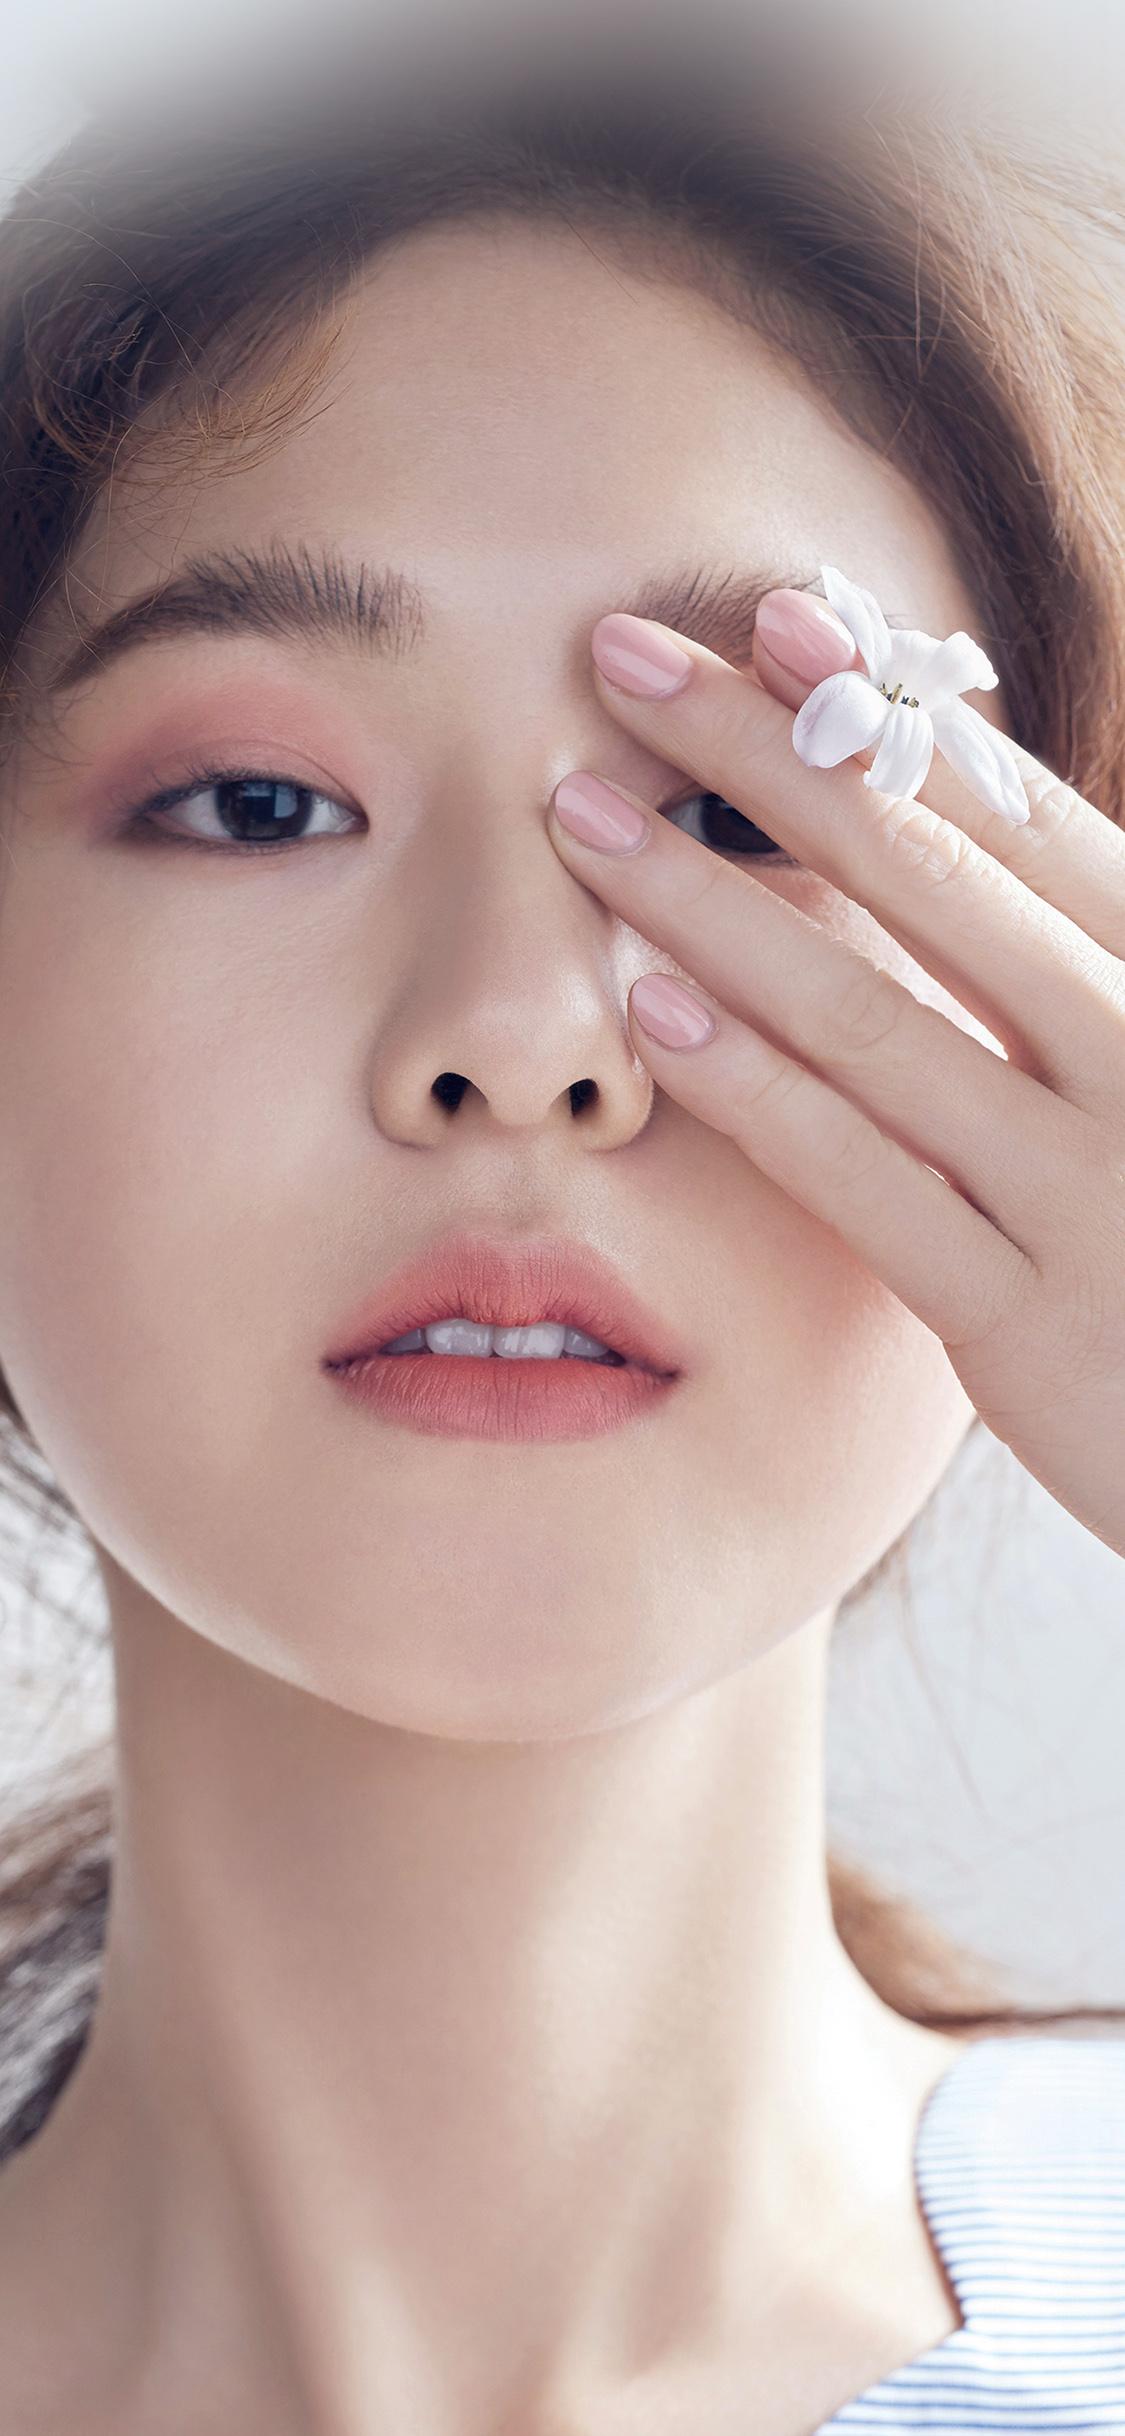 iPhoneXpapers.com-Apple-iPhone-wallpaper-ho03-kpop-girl-asian-cute-pure